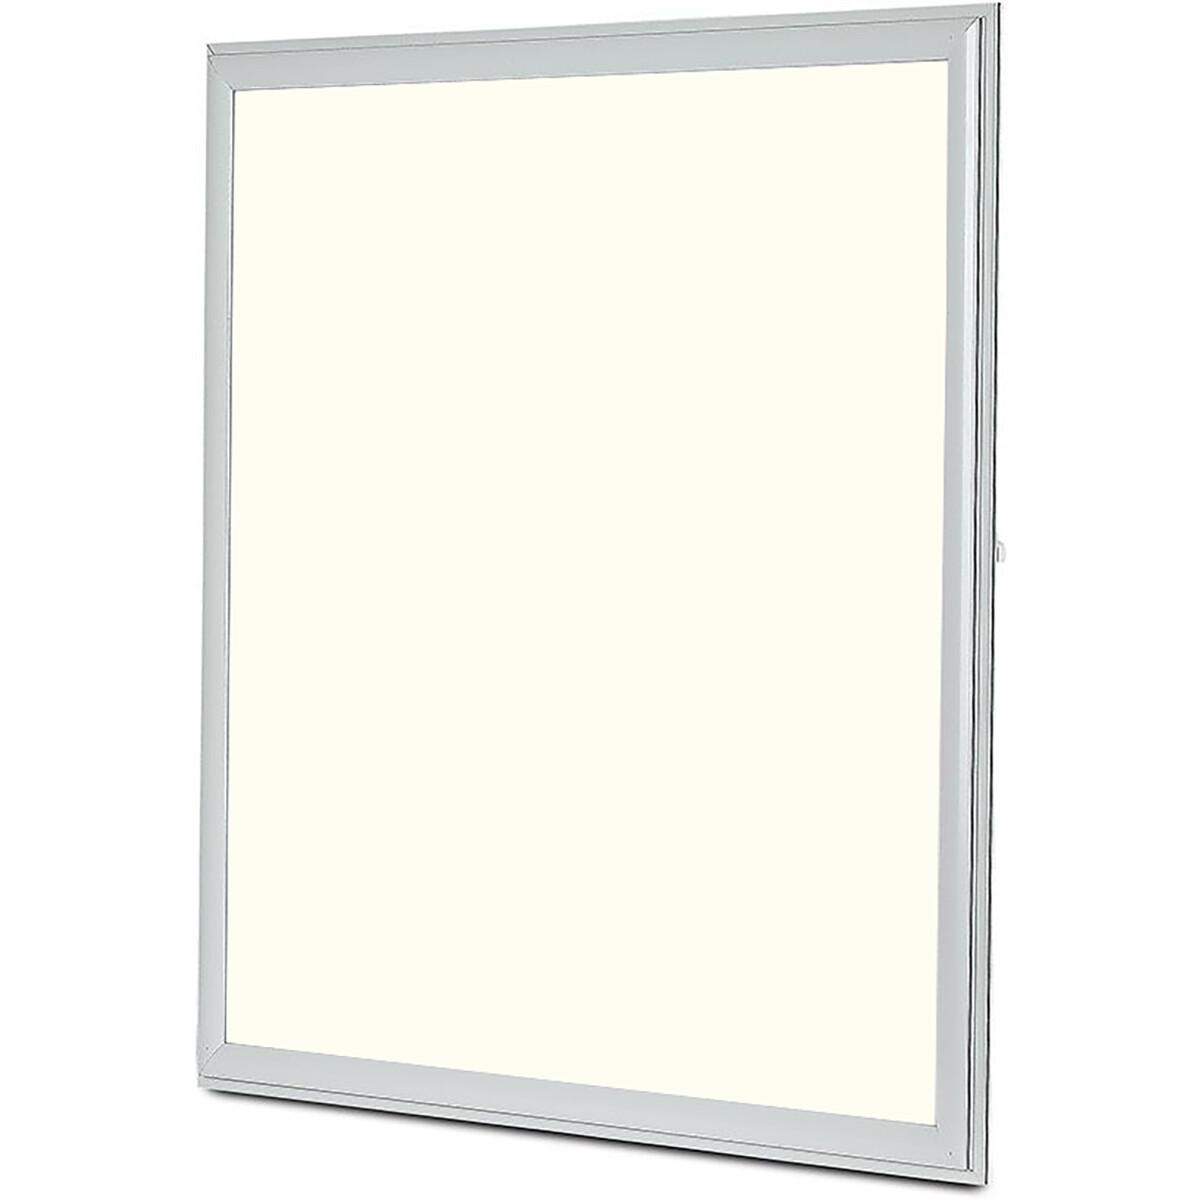 LED Paneel - Viron Ganto - 60x60 Natuurlijk Wit 4000K - 45W Inbouw Vierkant - Mat Wit - Aluminium